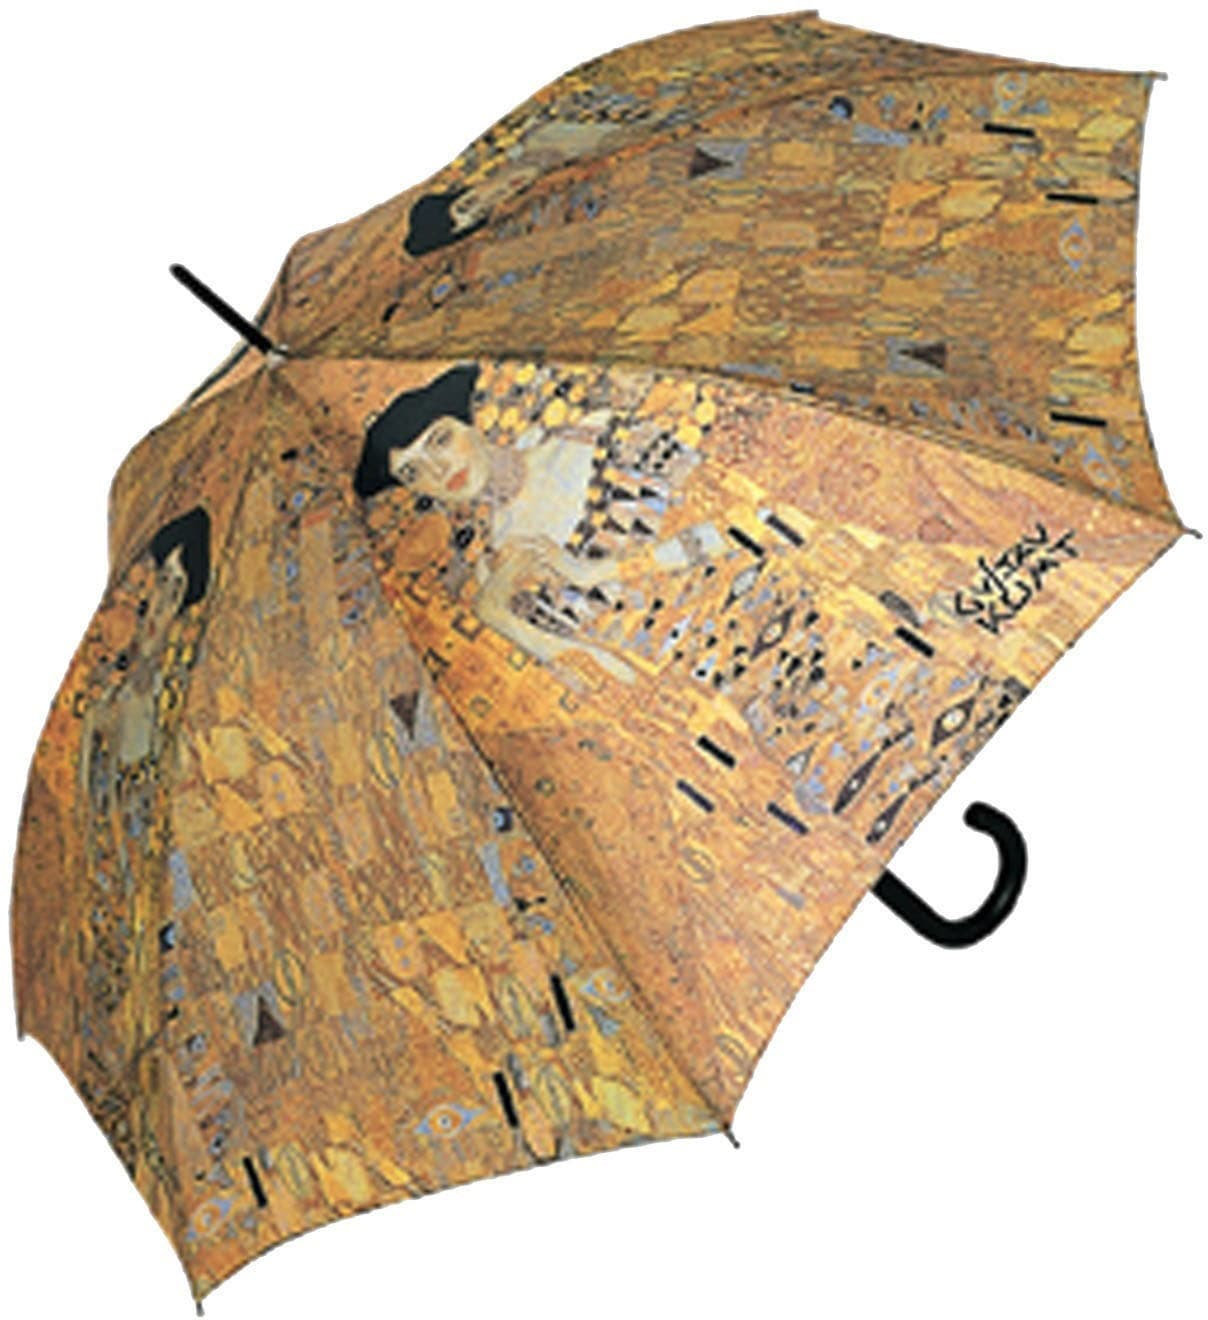 doppler® Regenschirm, »Stockschirm LS Automatik Adele« | Accessoires > Regenschirme > Stockschirme | Mehrfarbig | Polyester | DOPPLER